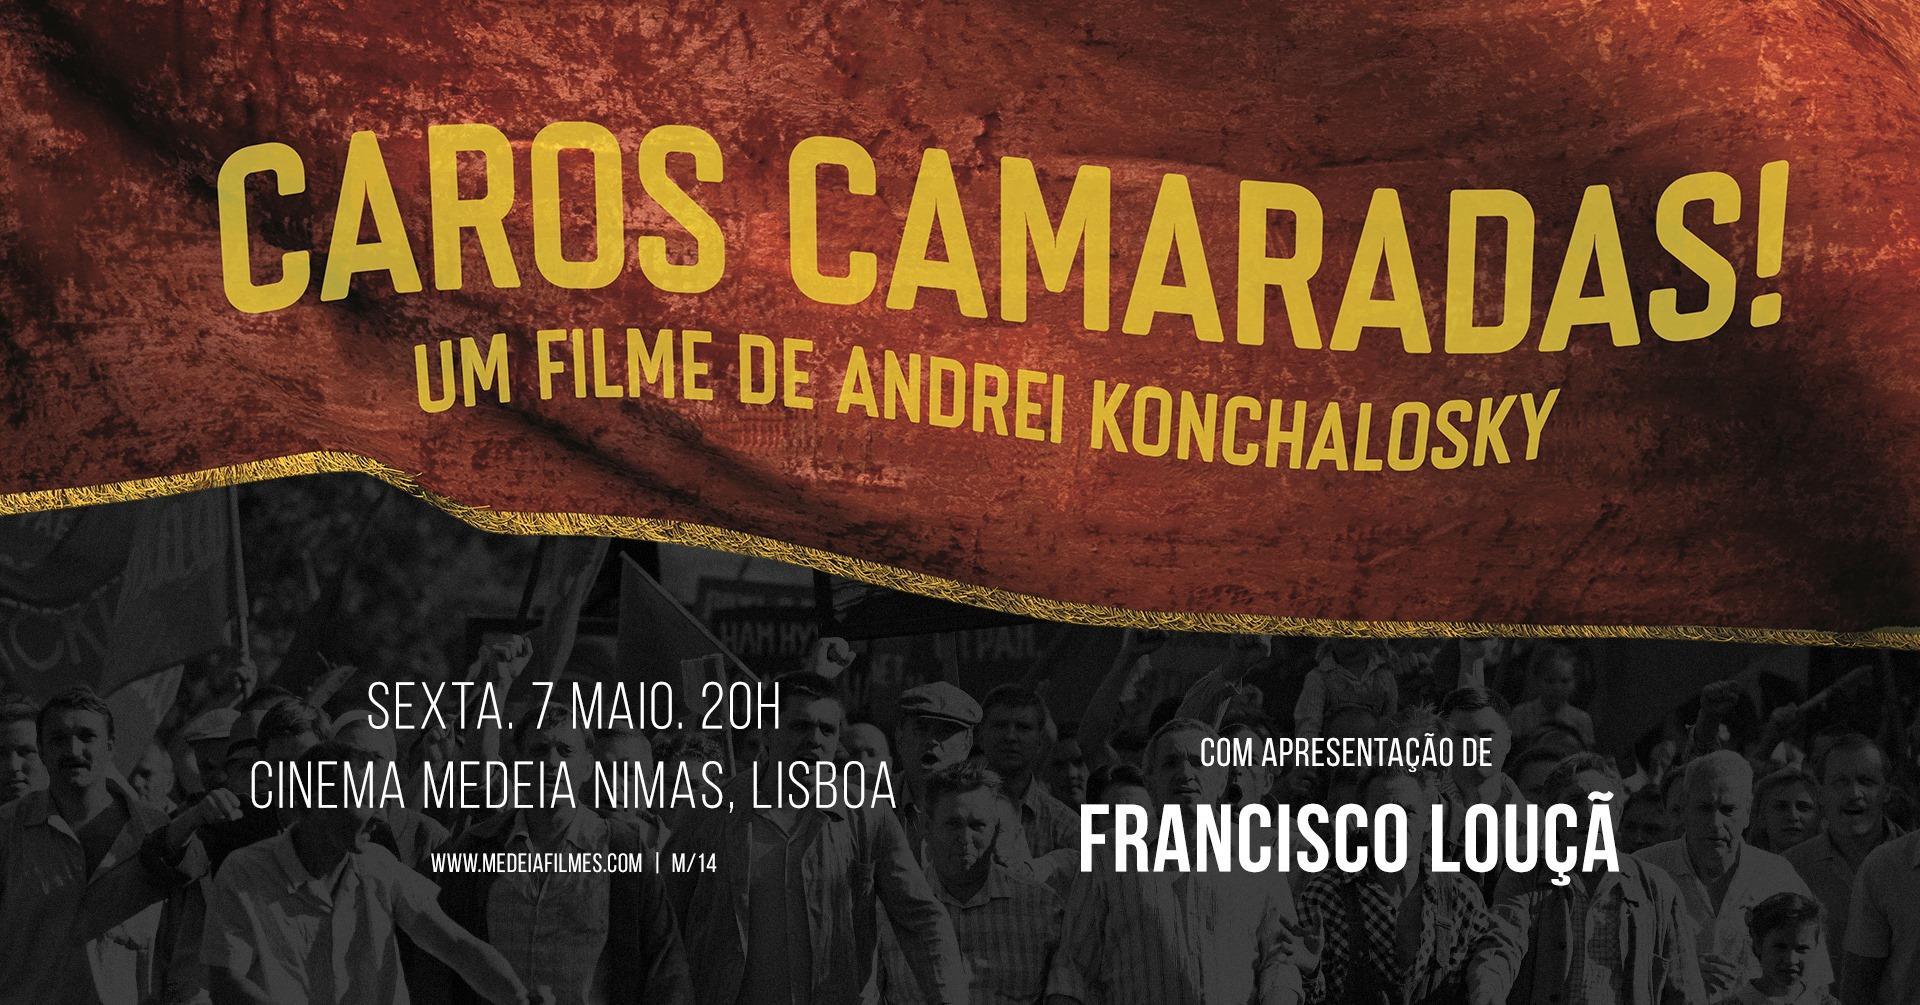 SESSÃO ESPECIAL: CAROS CAMARADAS! - apresentado por Francisco Louçã